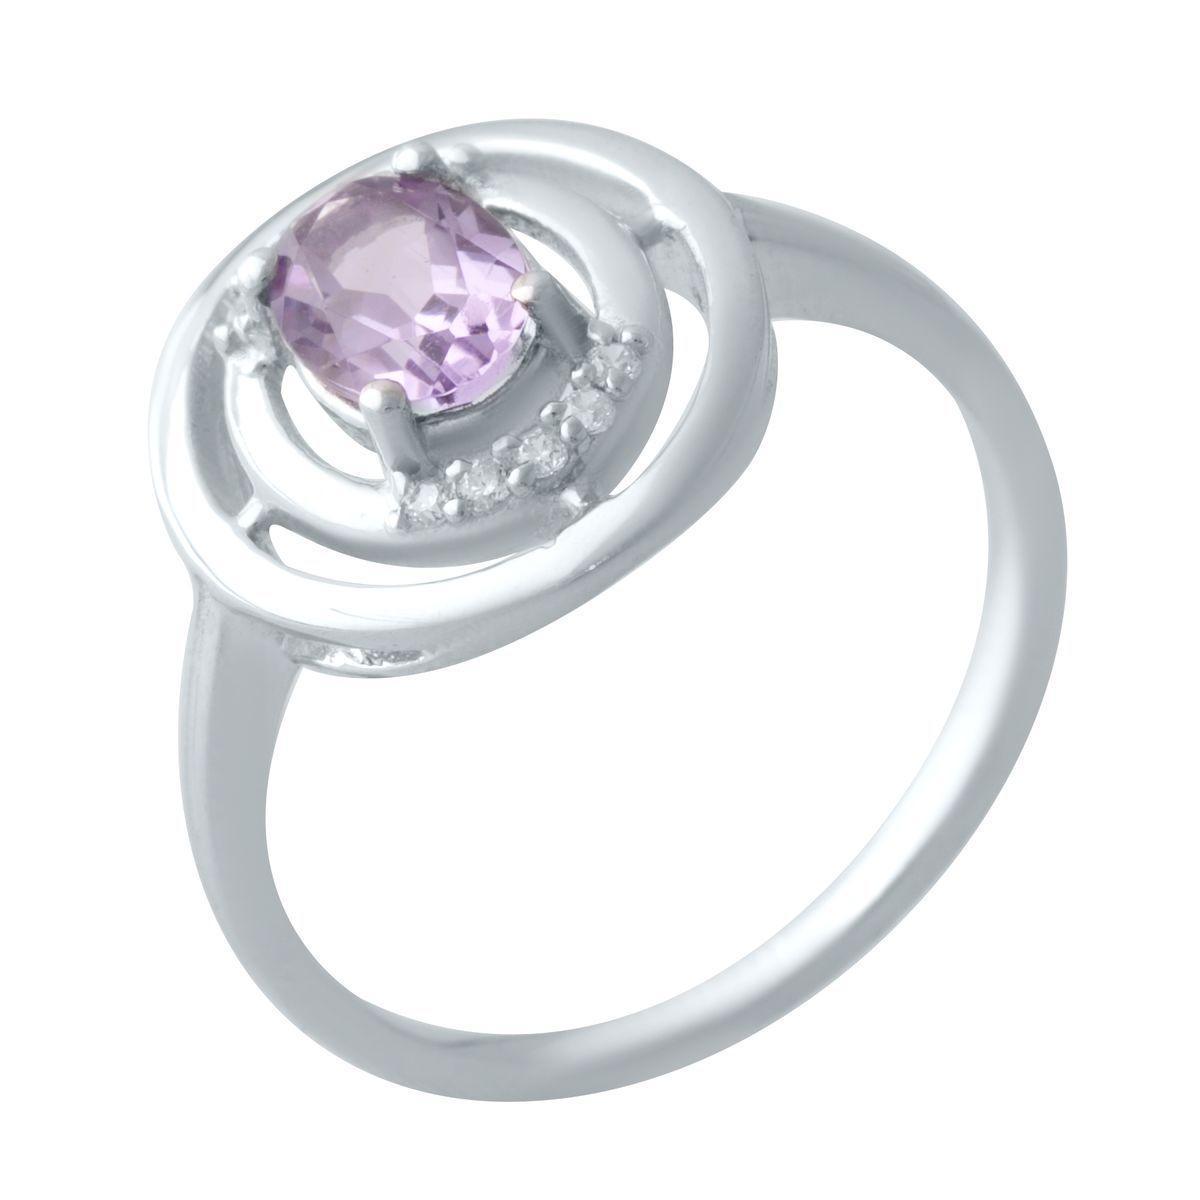 Срібне кільце DreamJewelry з натуральним аметистом (2020745) 17.5 розмір